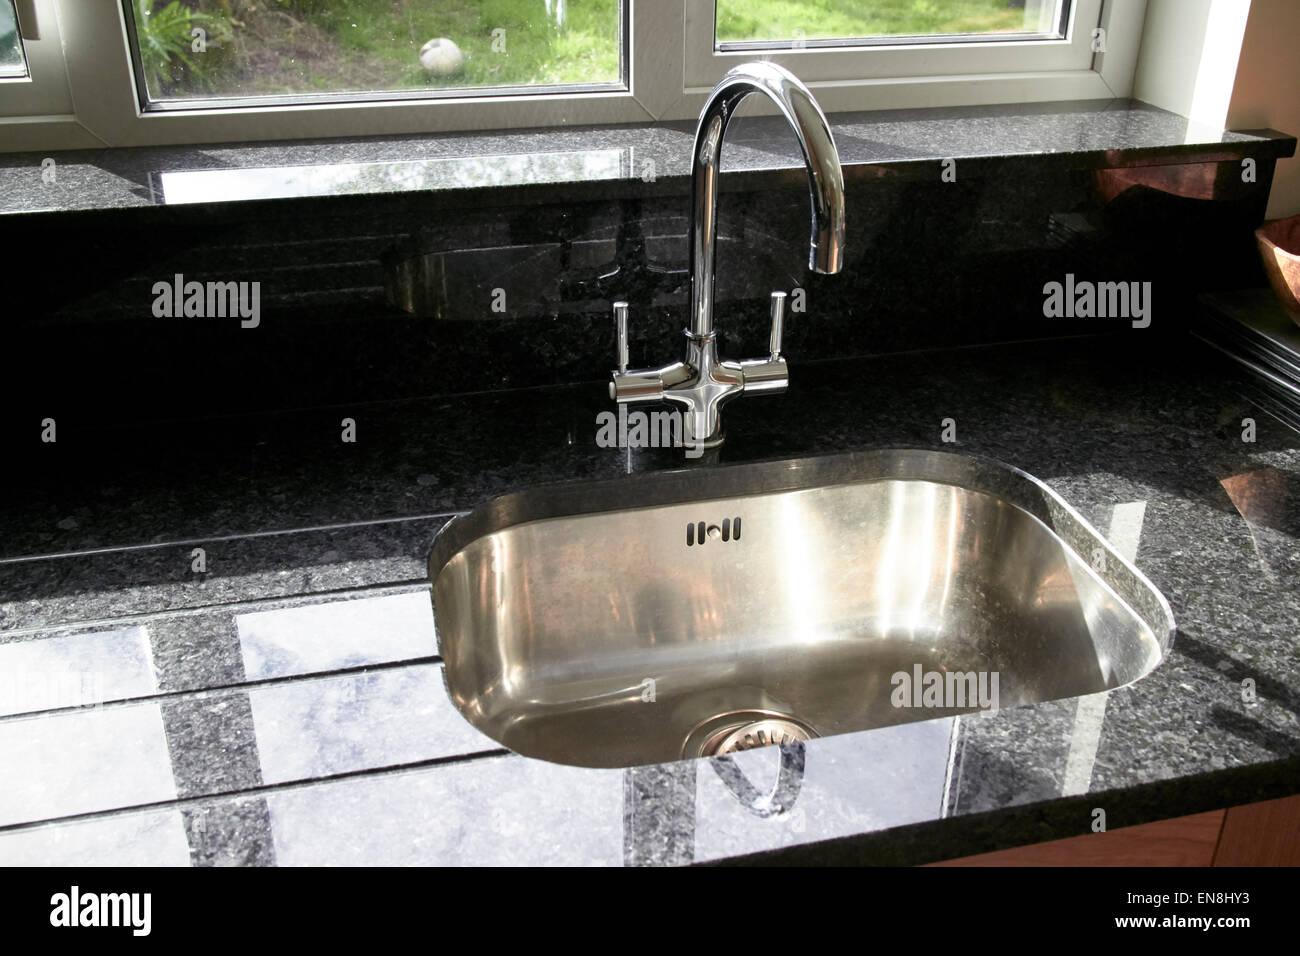 New Kitchen Sinks Kitchen sink with granite worktops in a brand new kitchen stock kitchen sink with granite worktops in a brand new kitchen workwithnaturefo